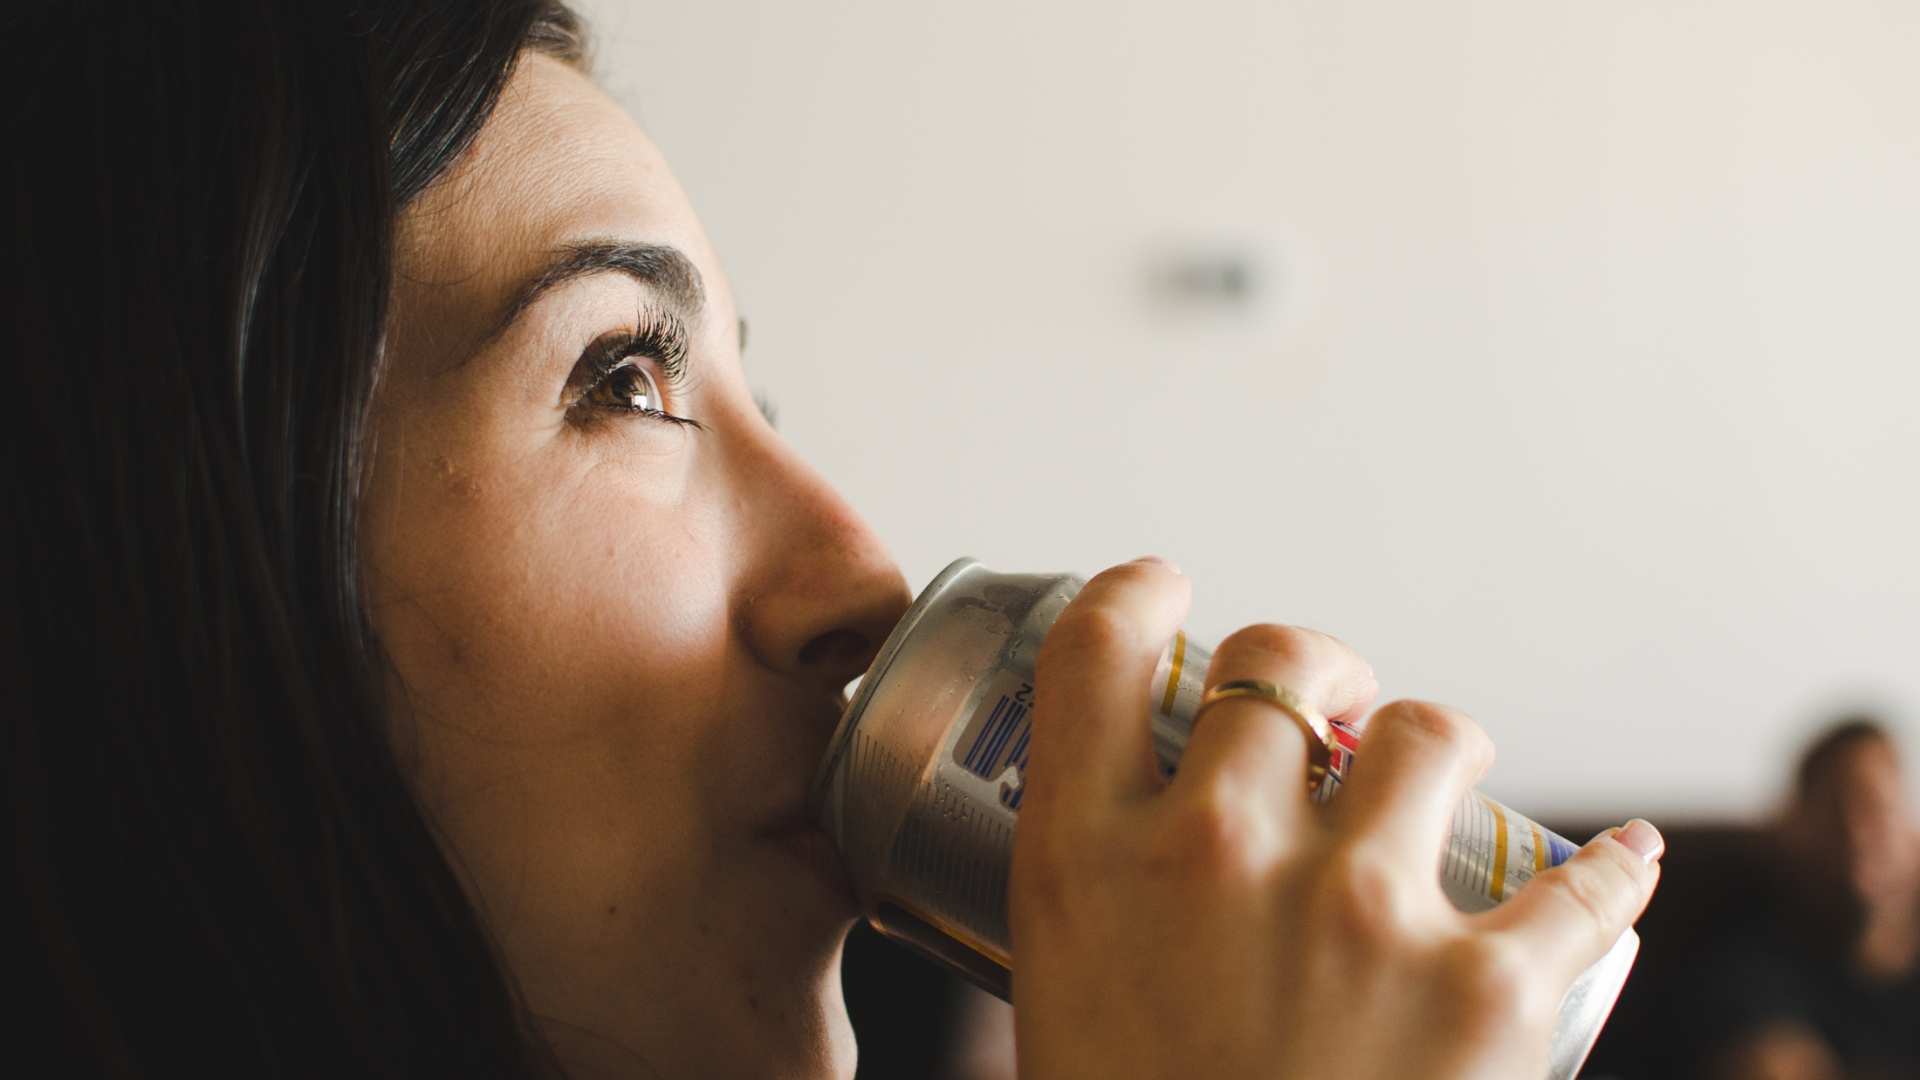 Chica tomando lata de cerveza - 1920x1080